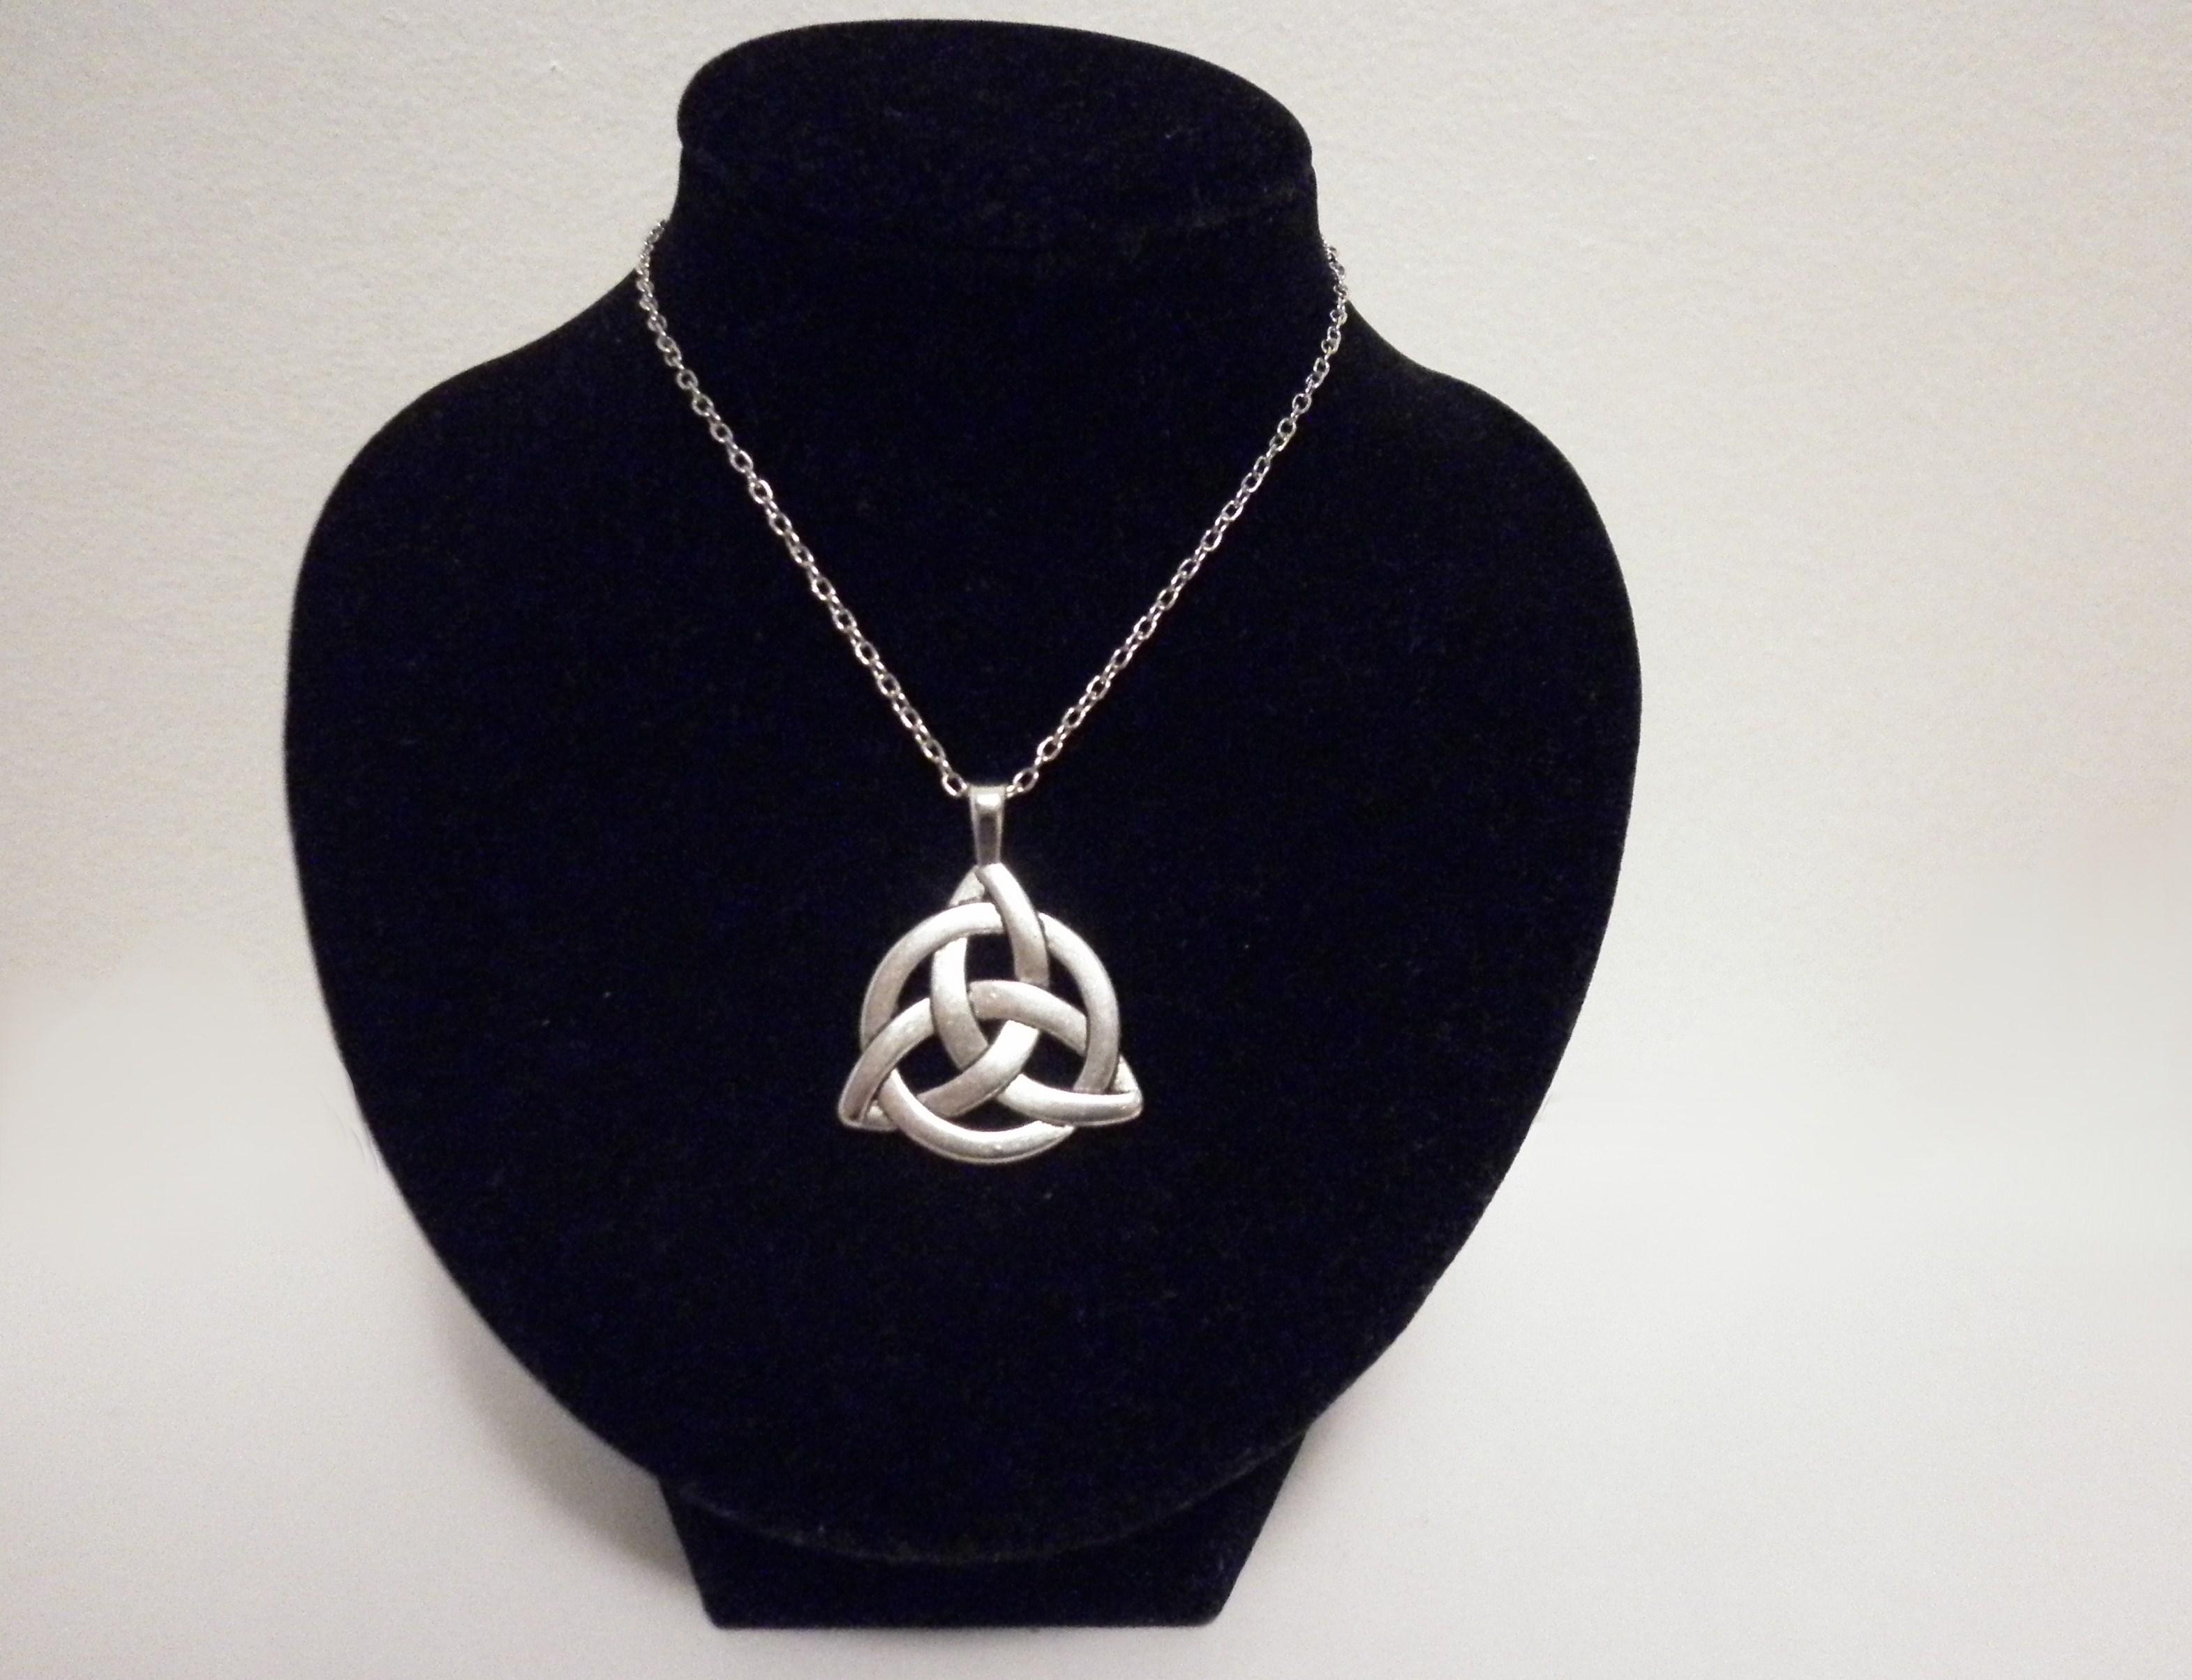 silver celtic triquetra knot pendant necklace pagan